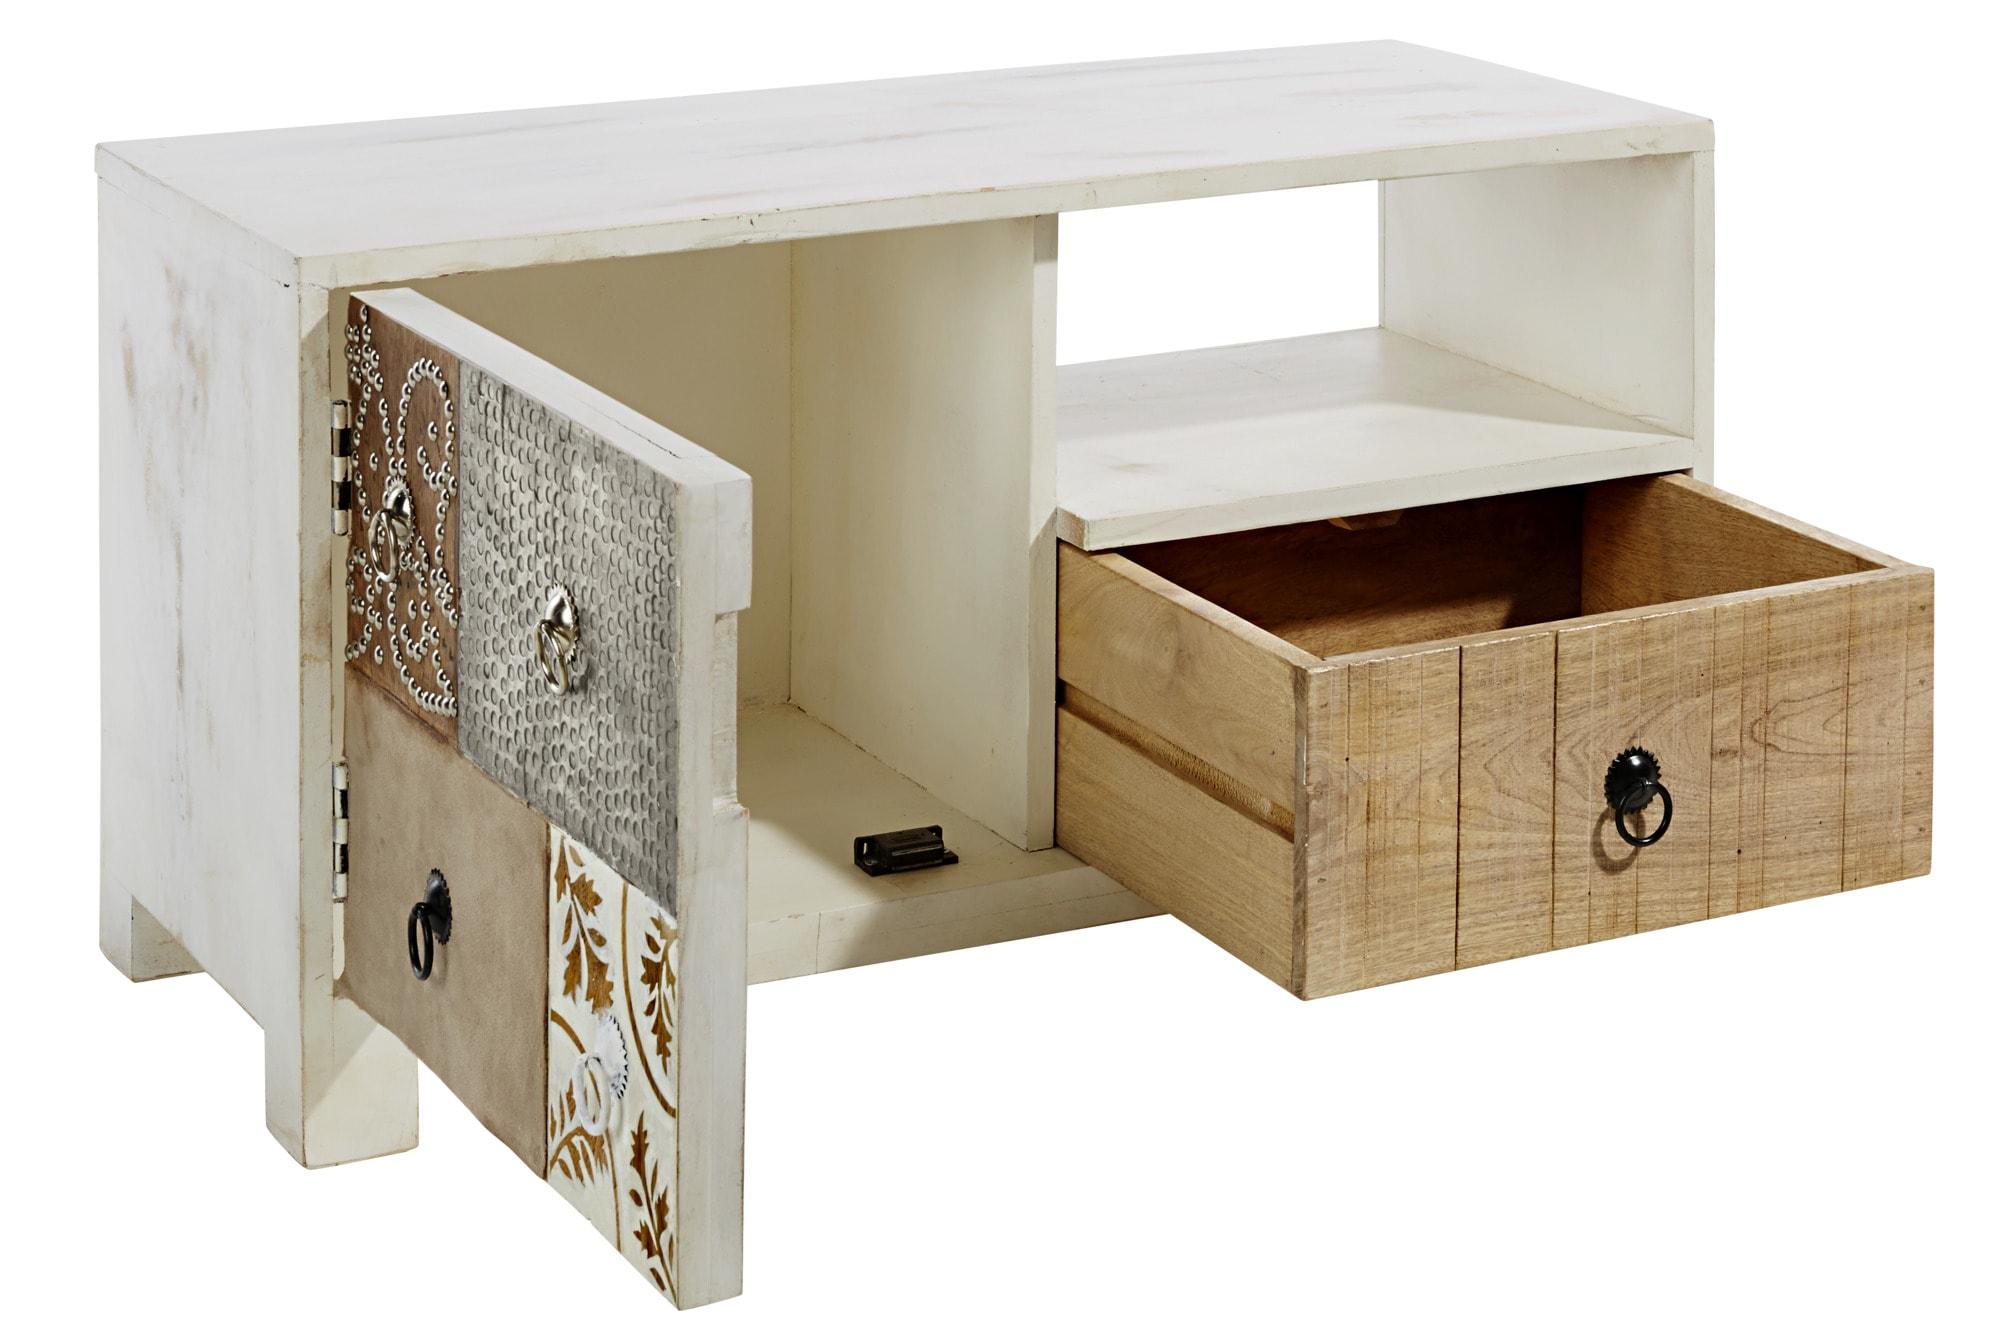 ff358d89ae3ef8 heine home Bank kunsthandwerklich gefertigt€ 529,99Anbieter:  UniversalVersand: kostenlos